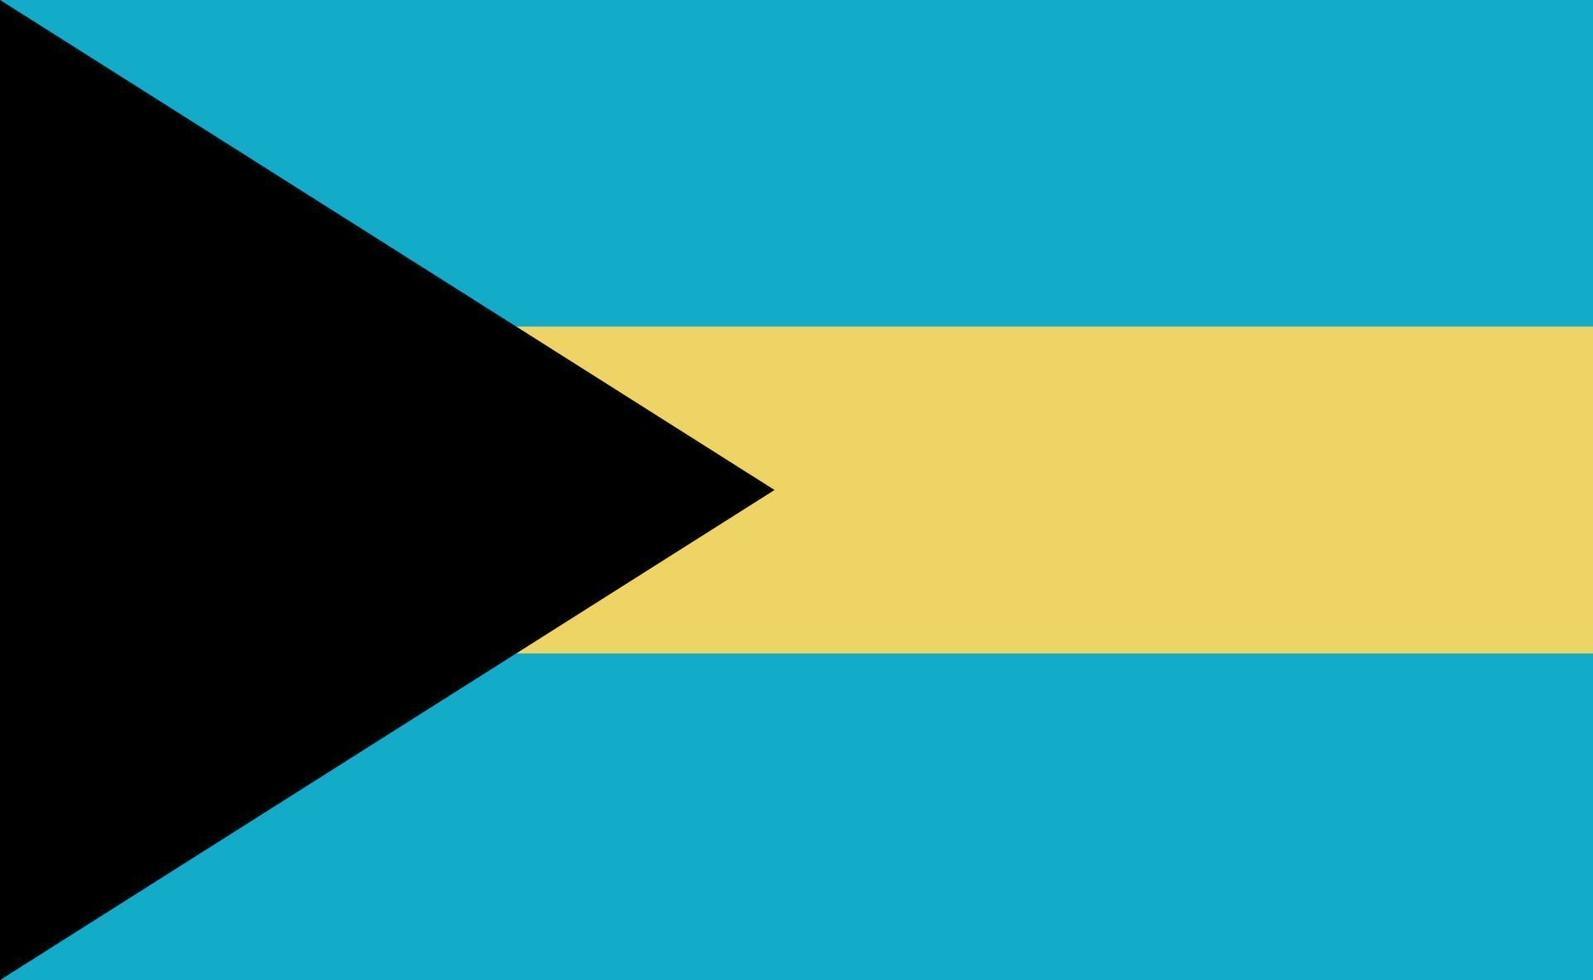 Nationale vlag van Bahama's in exacte verhoudingen - vectorillustratie vector